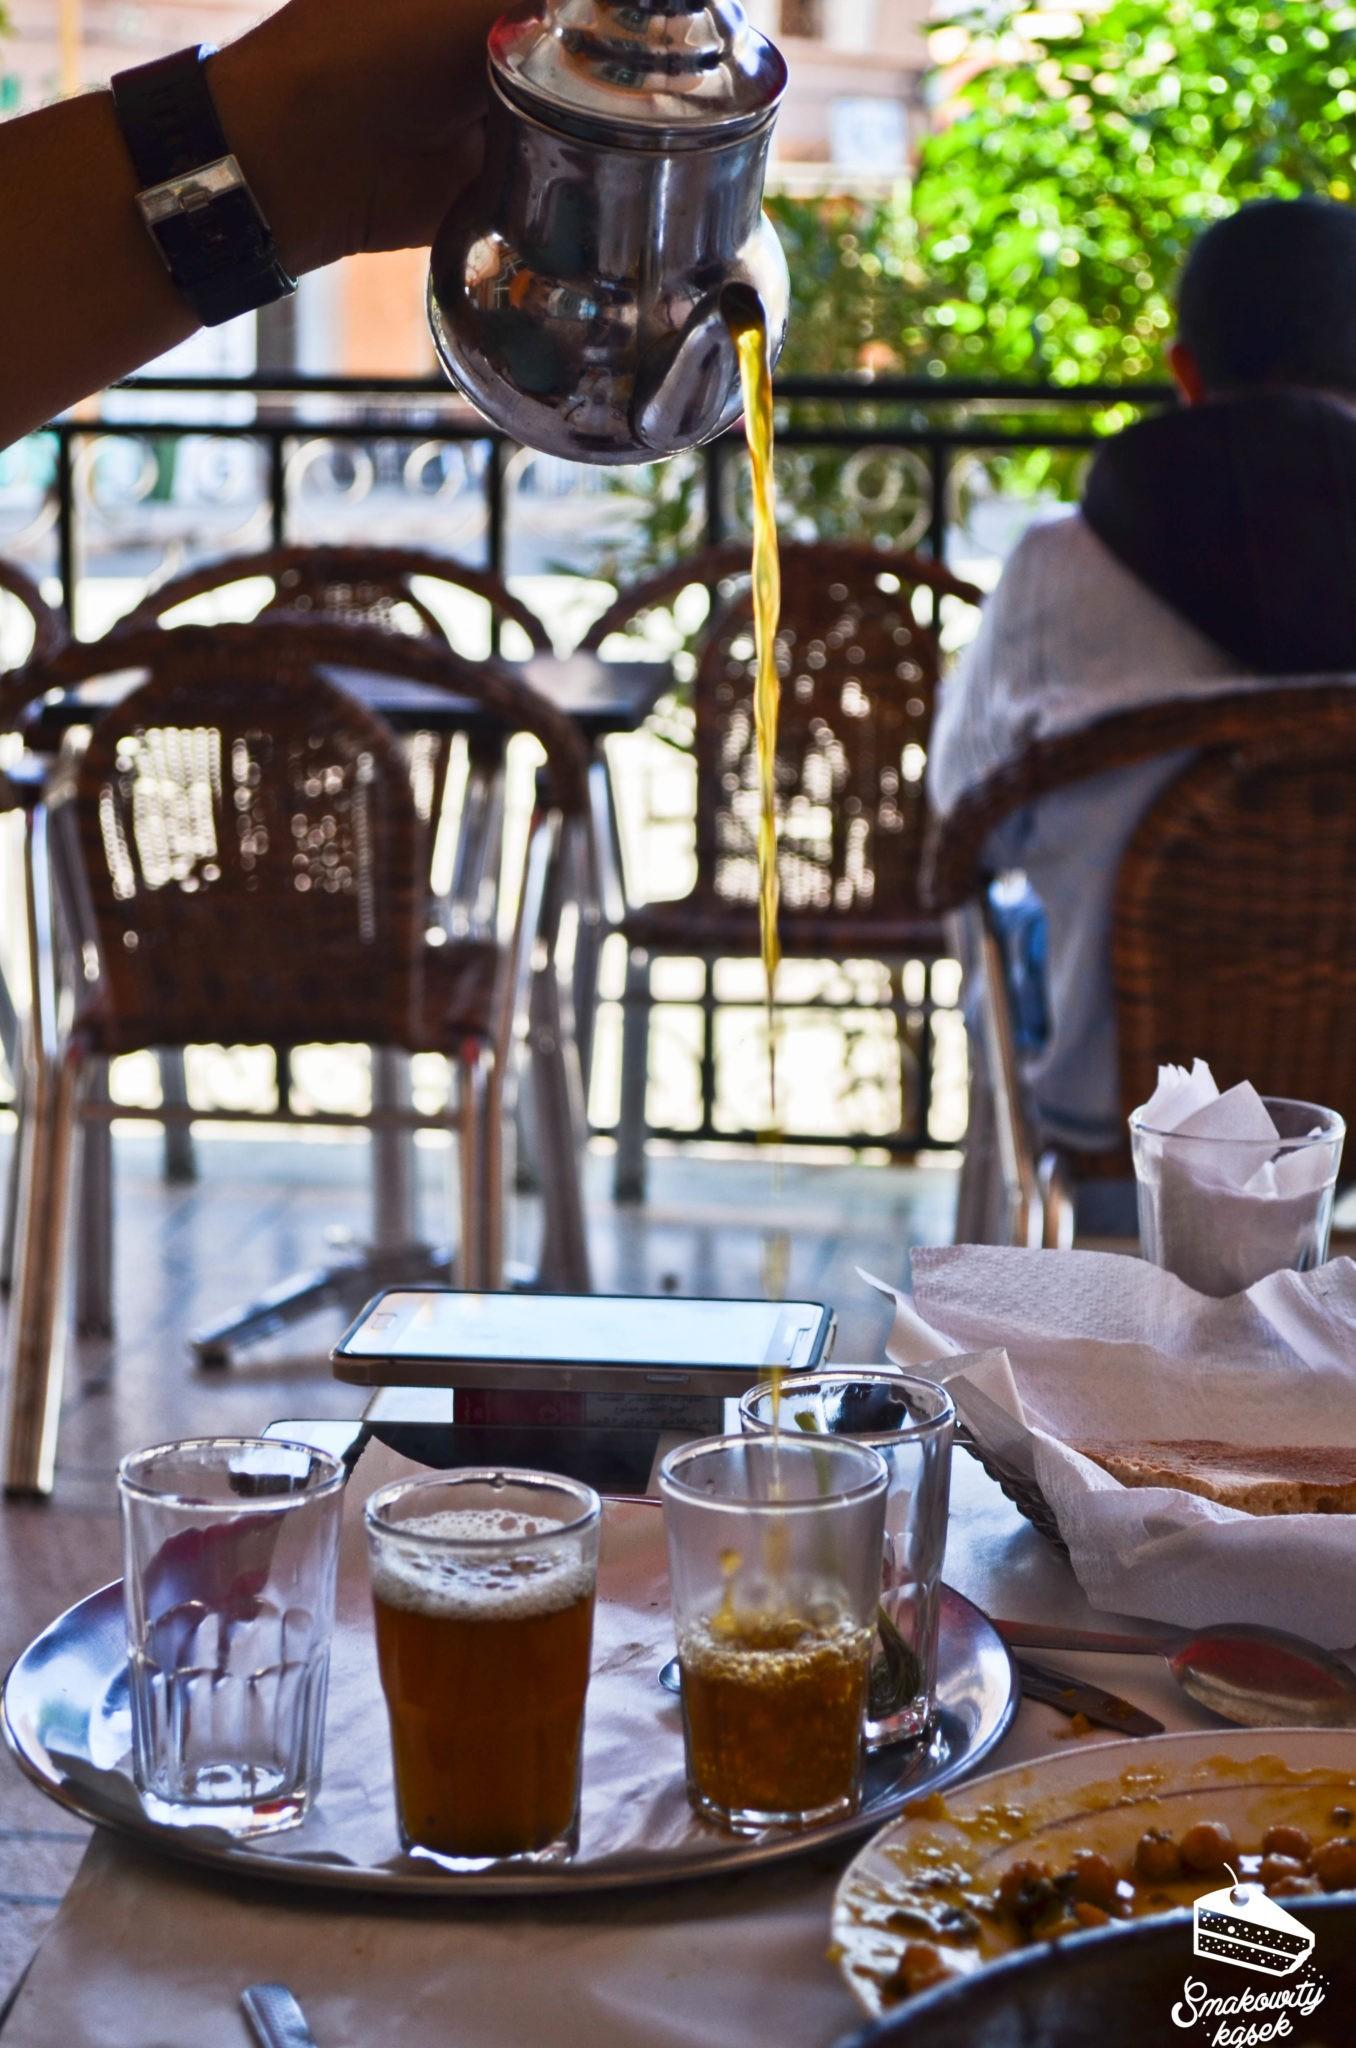 marokanskie jedzenie (1 of 1)-11